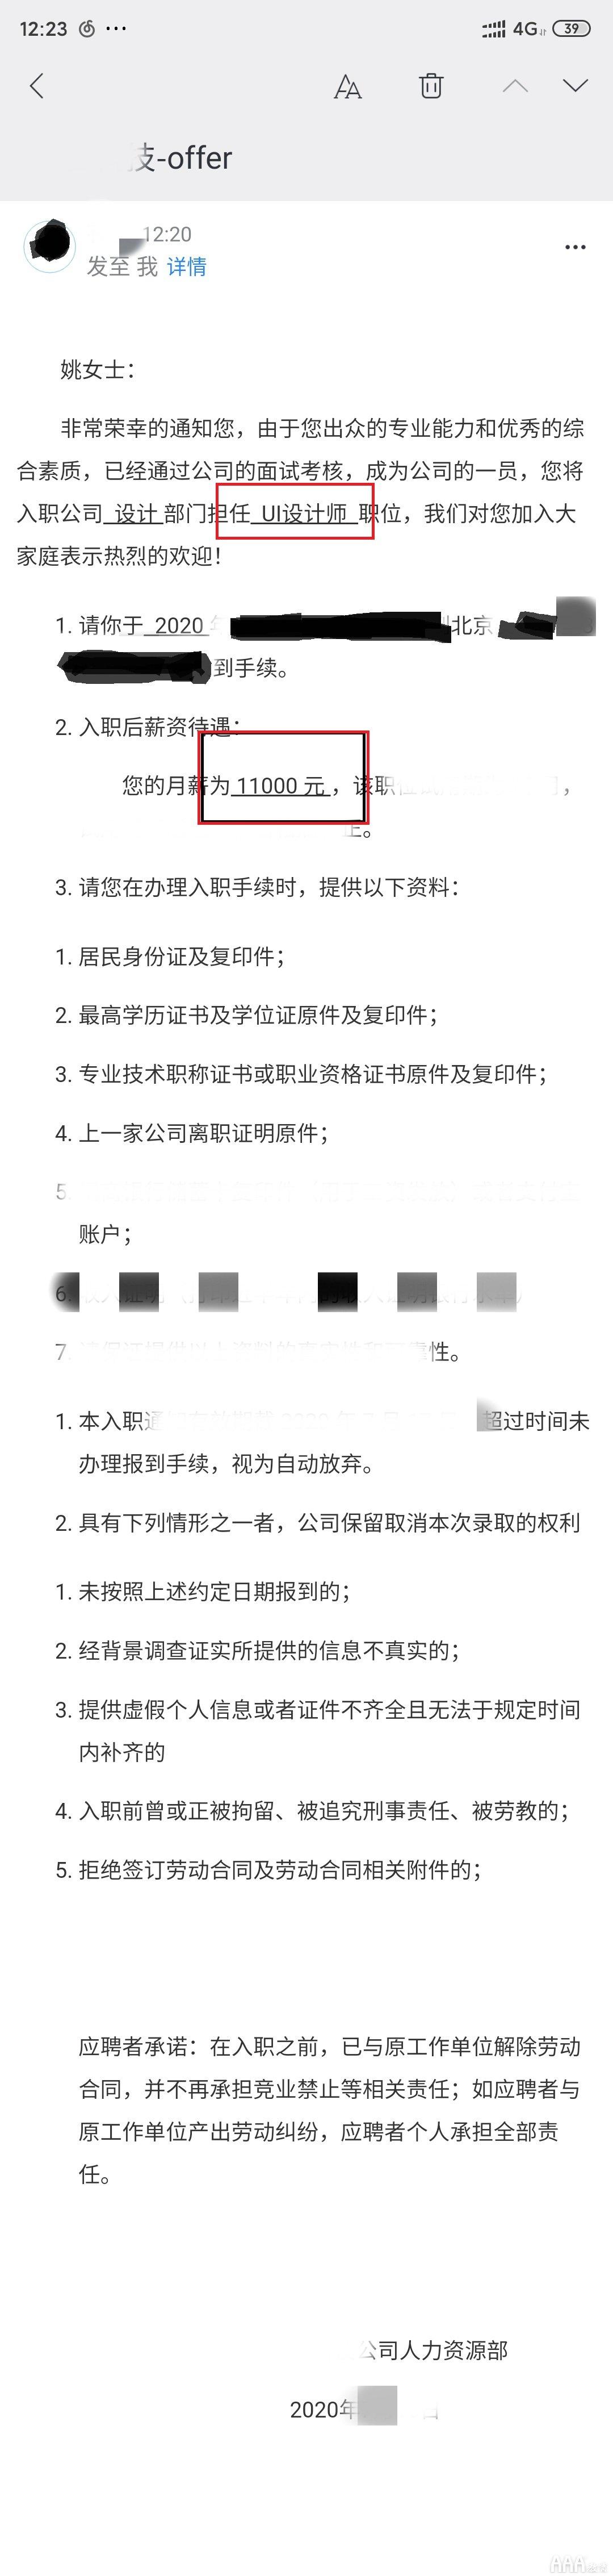 恭喜UI设计126班姚同学喜提offer11000元